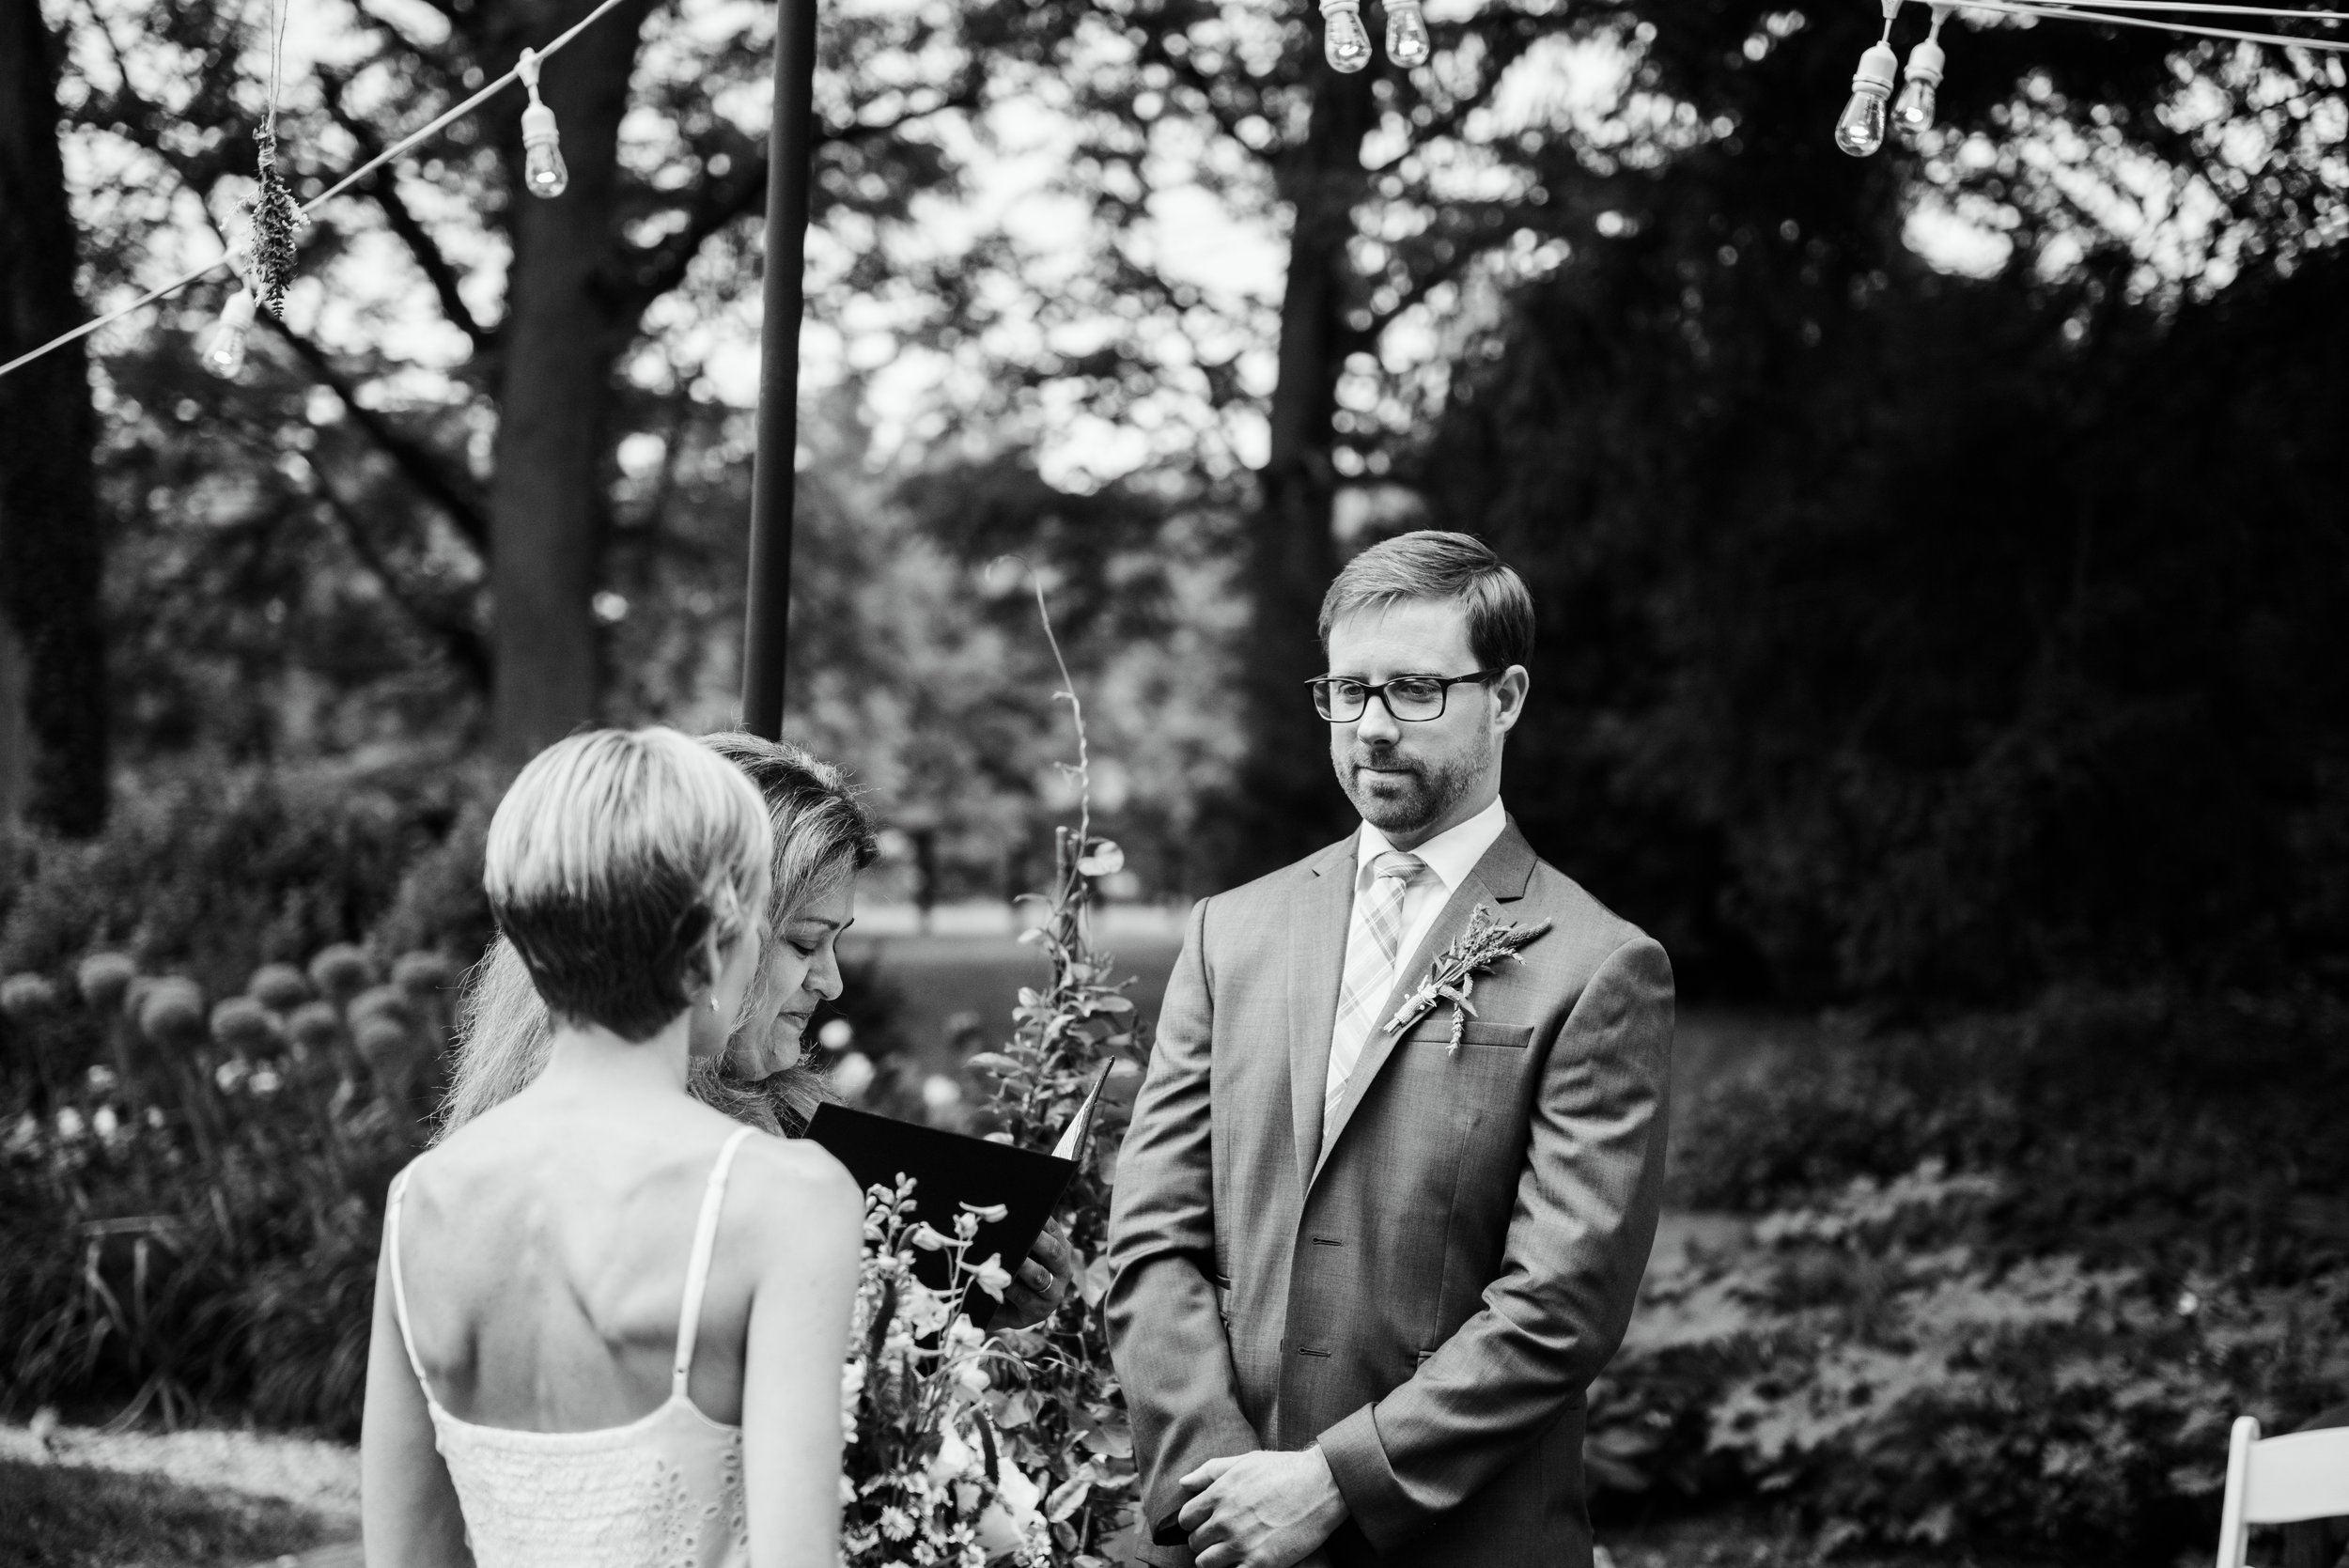 emilybrandonmarylandweddingblog-19.jpg